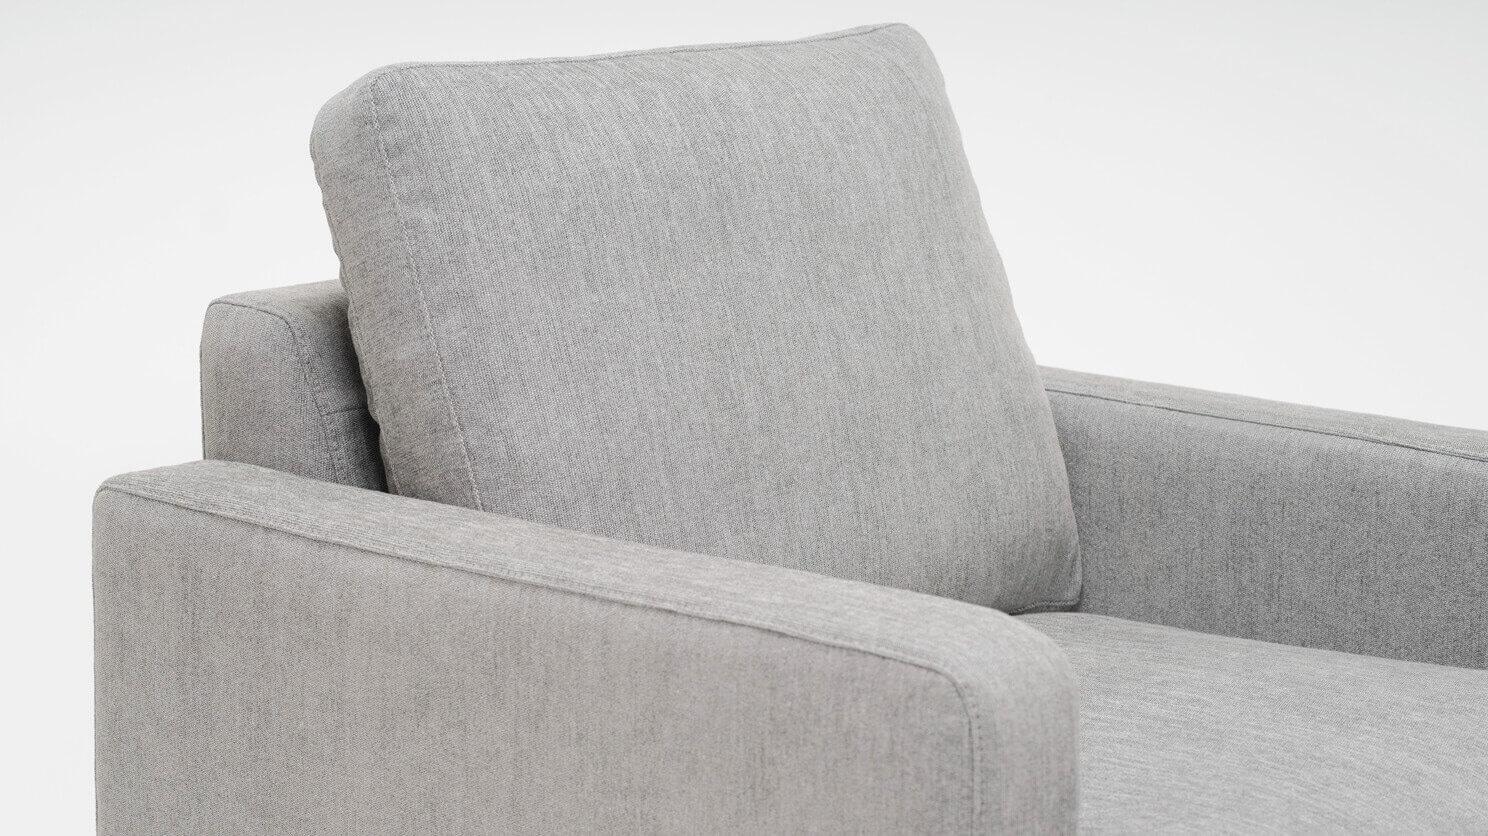 31127 02 3 chairs eve chair coda concrete detail 02